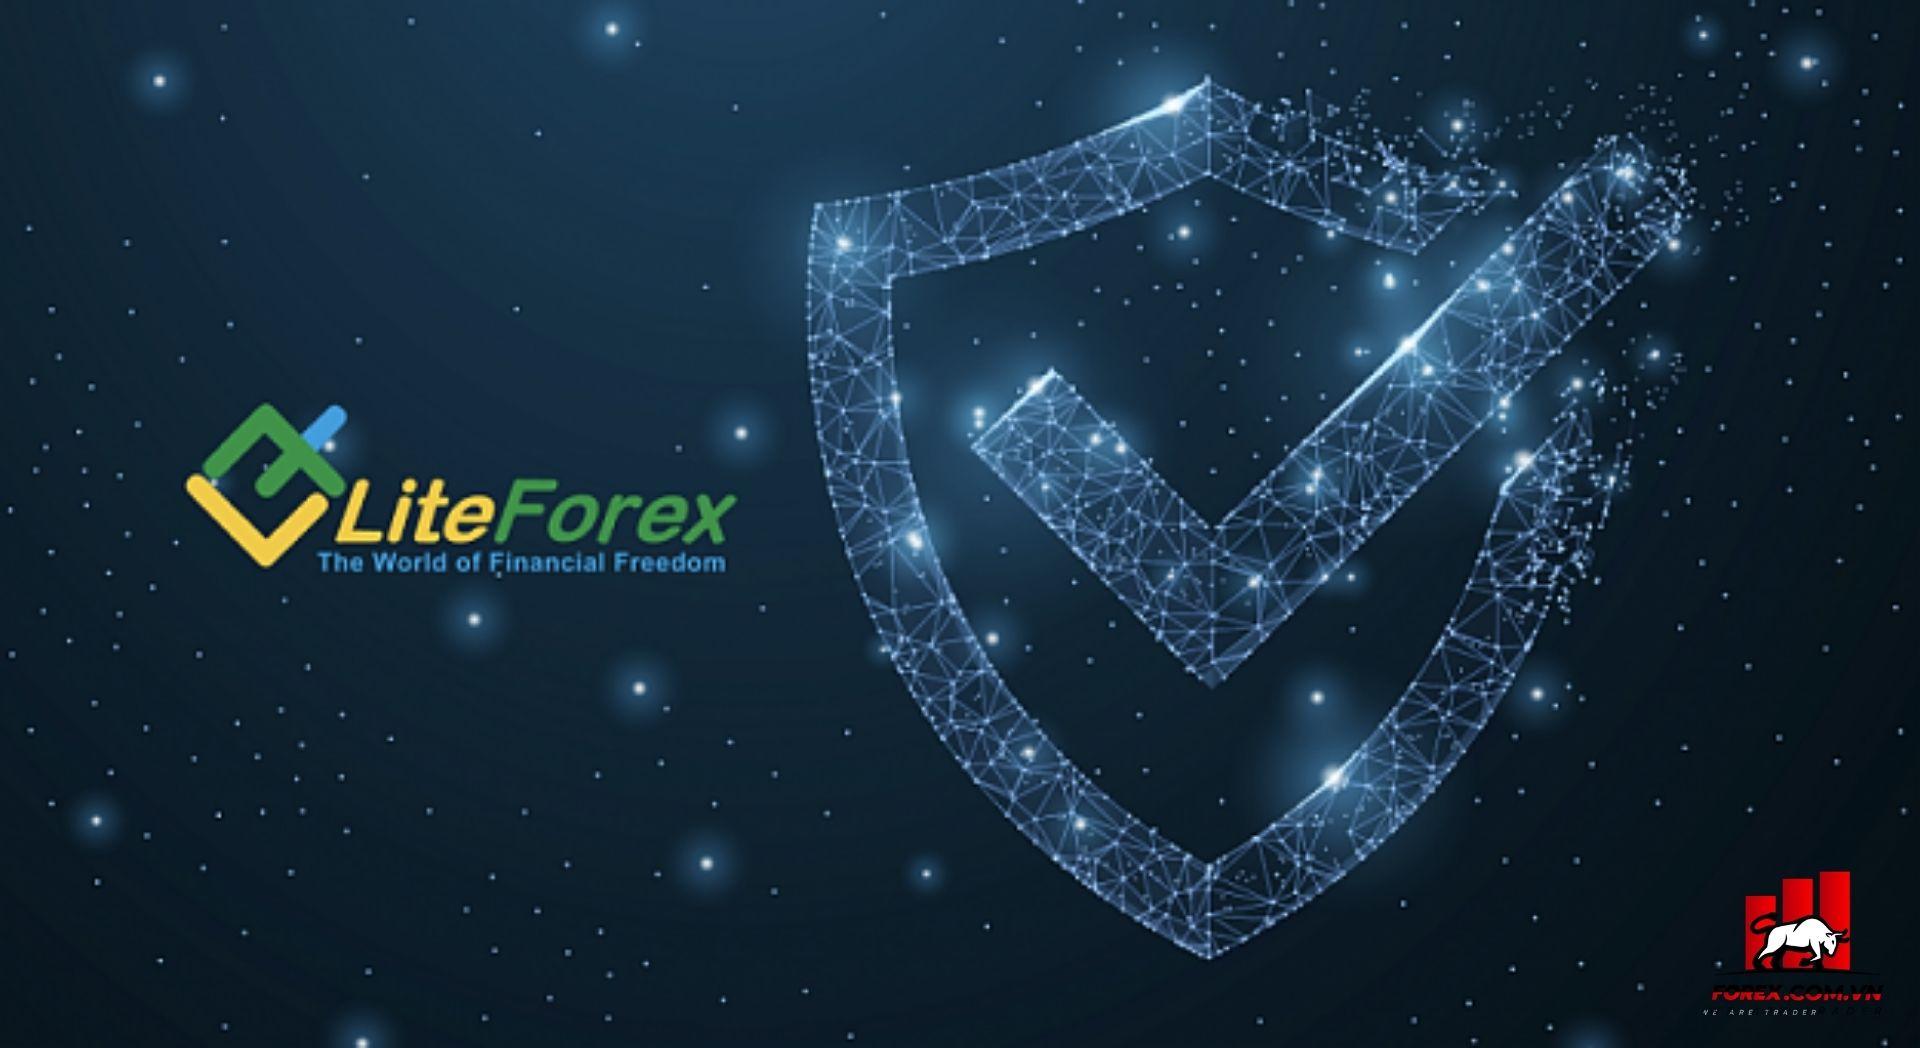 đánh giá sàn liteforex - sàn được cấp giấy phép CySEC và Marshall